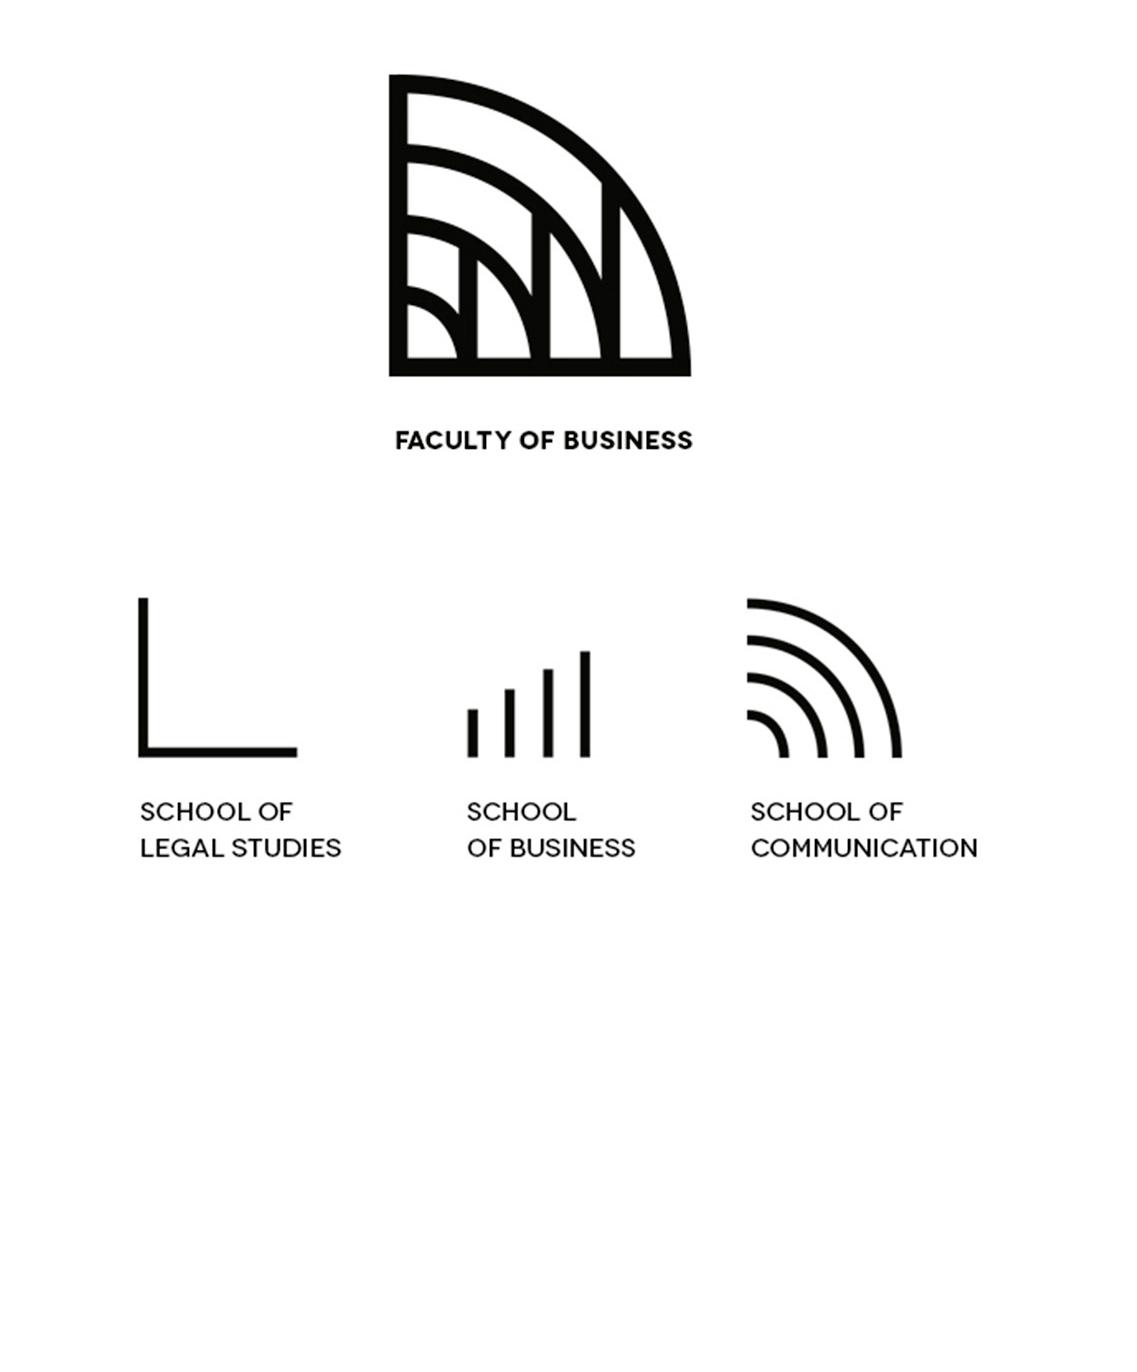 Business-icon_Captivate_MustaaliRaj